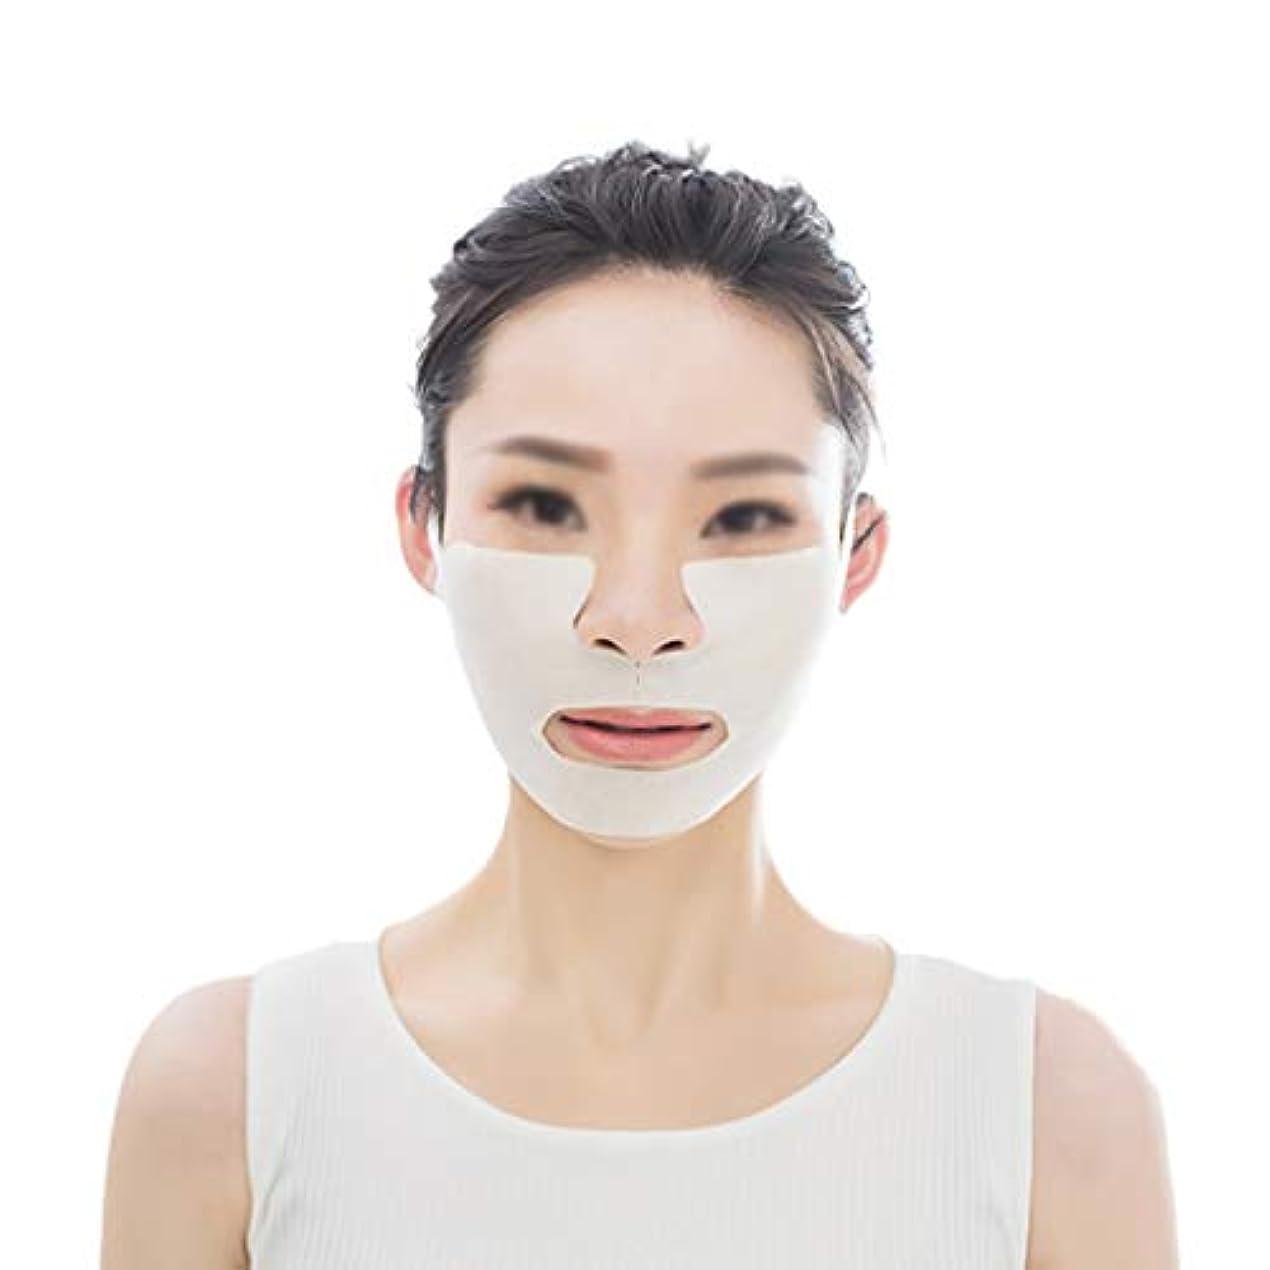 チャネル遡る判読できないXHLMRMJ フェイシャルスリミング、薄いフェイスマスク、下顎咬筋のあごを改善してフェイシャルラインを形成する、5箱、フェイスマスクの3箱